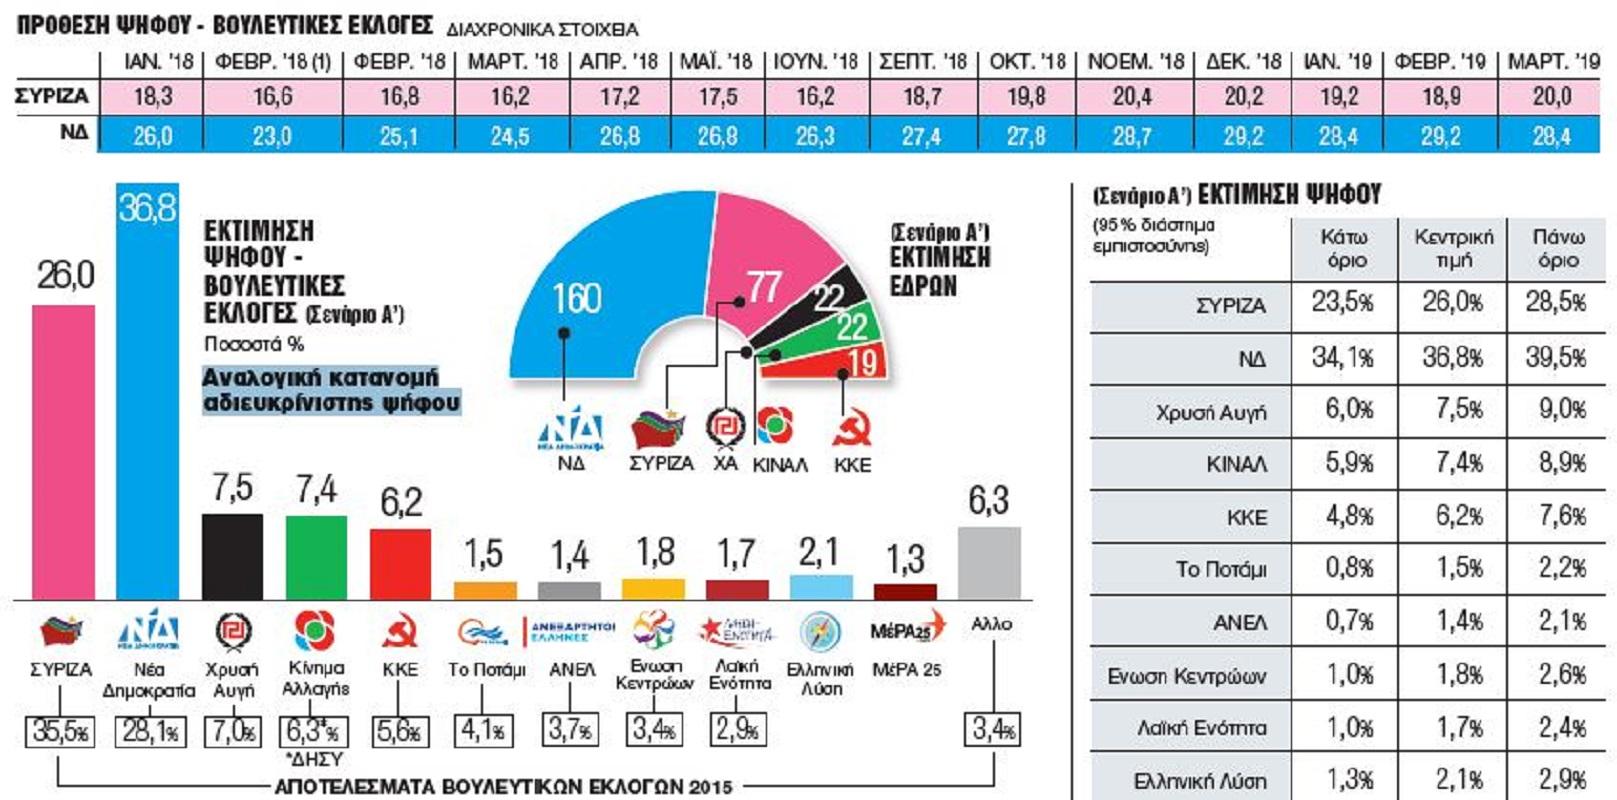 Δημοσκόπηση θαύμα! «Ψηφίζουν»… όσοι δεν ψηφίζουν και εθνικές εκλογές… πρόκριμα των ευρωεκλογών!